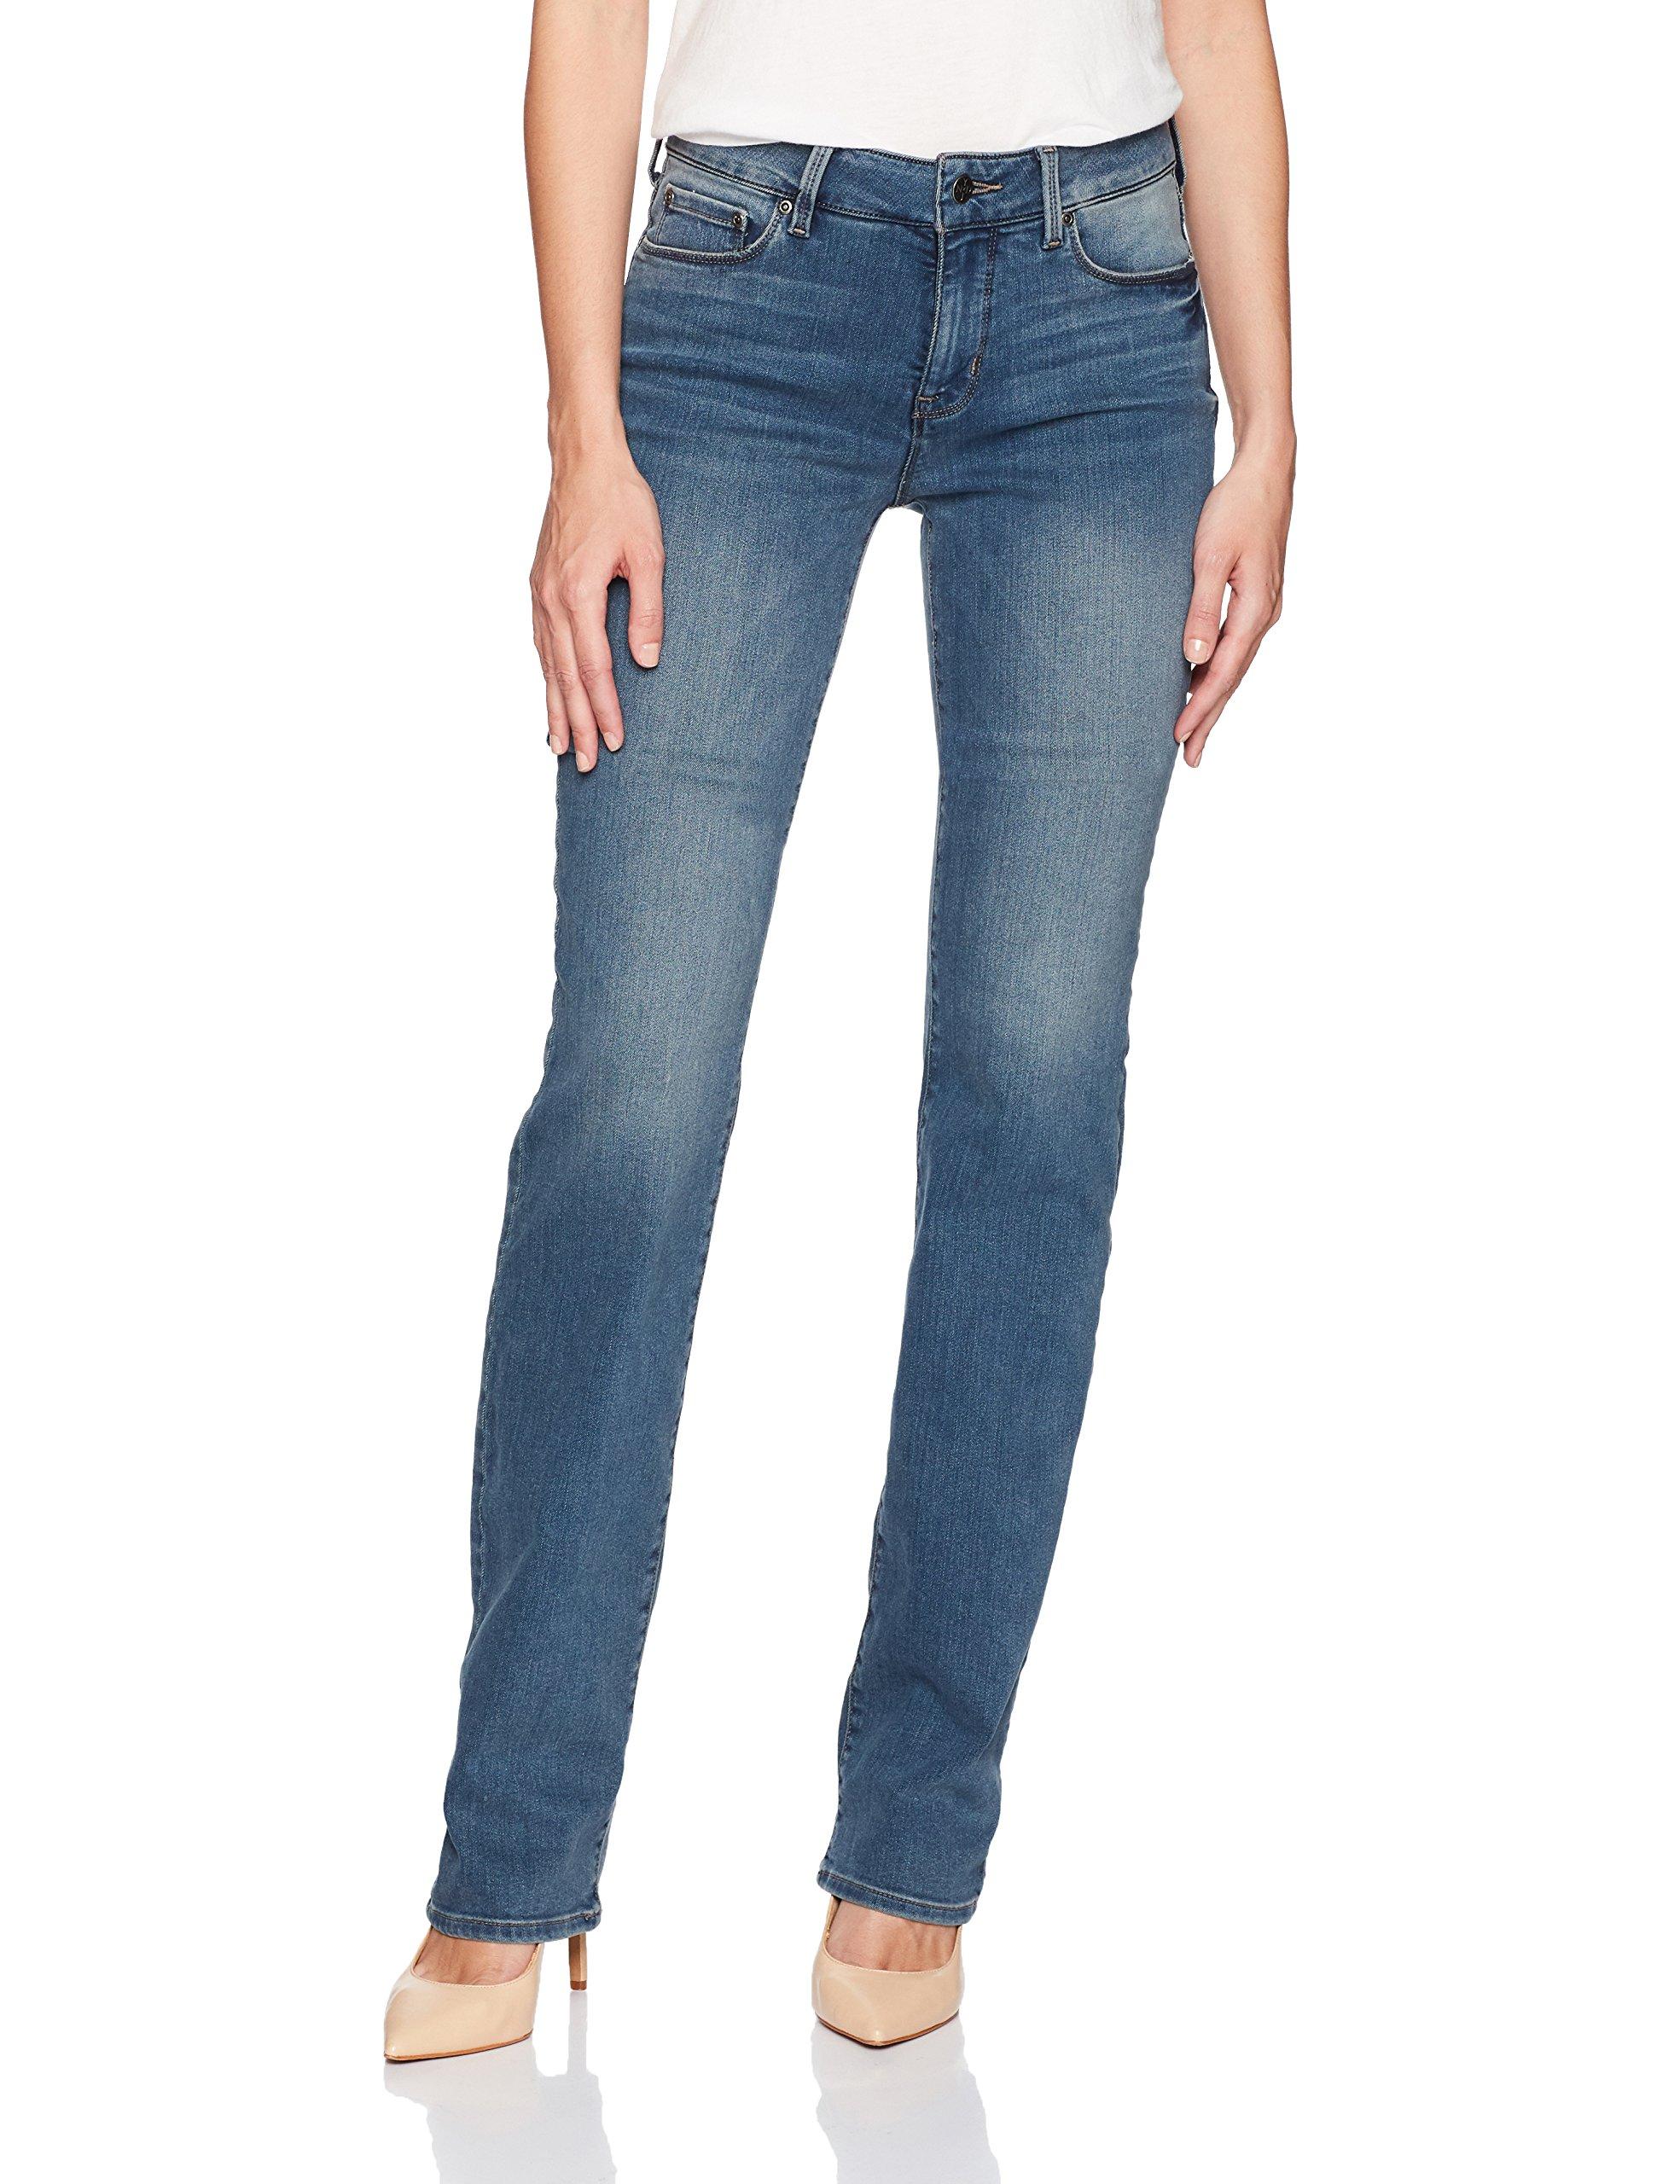 NYDJ Women's Marilyn Straight Leg Jeans, Ferris, 14